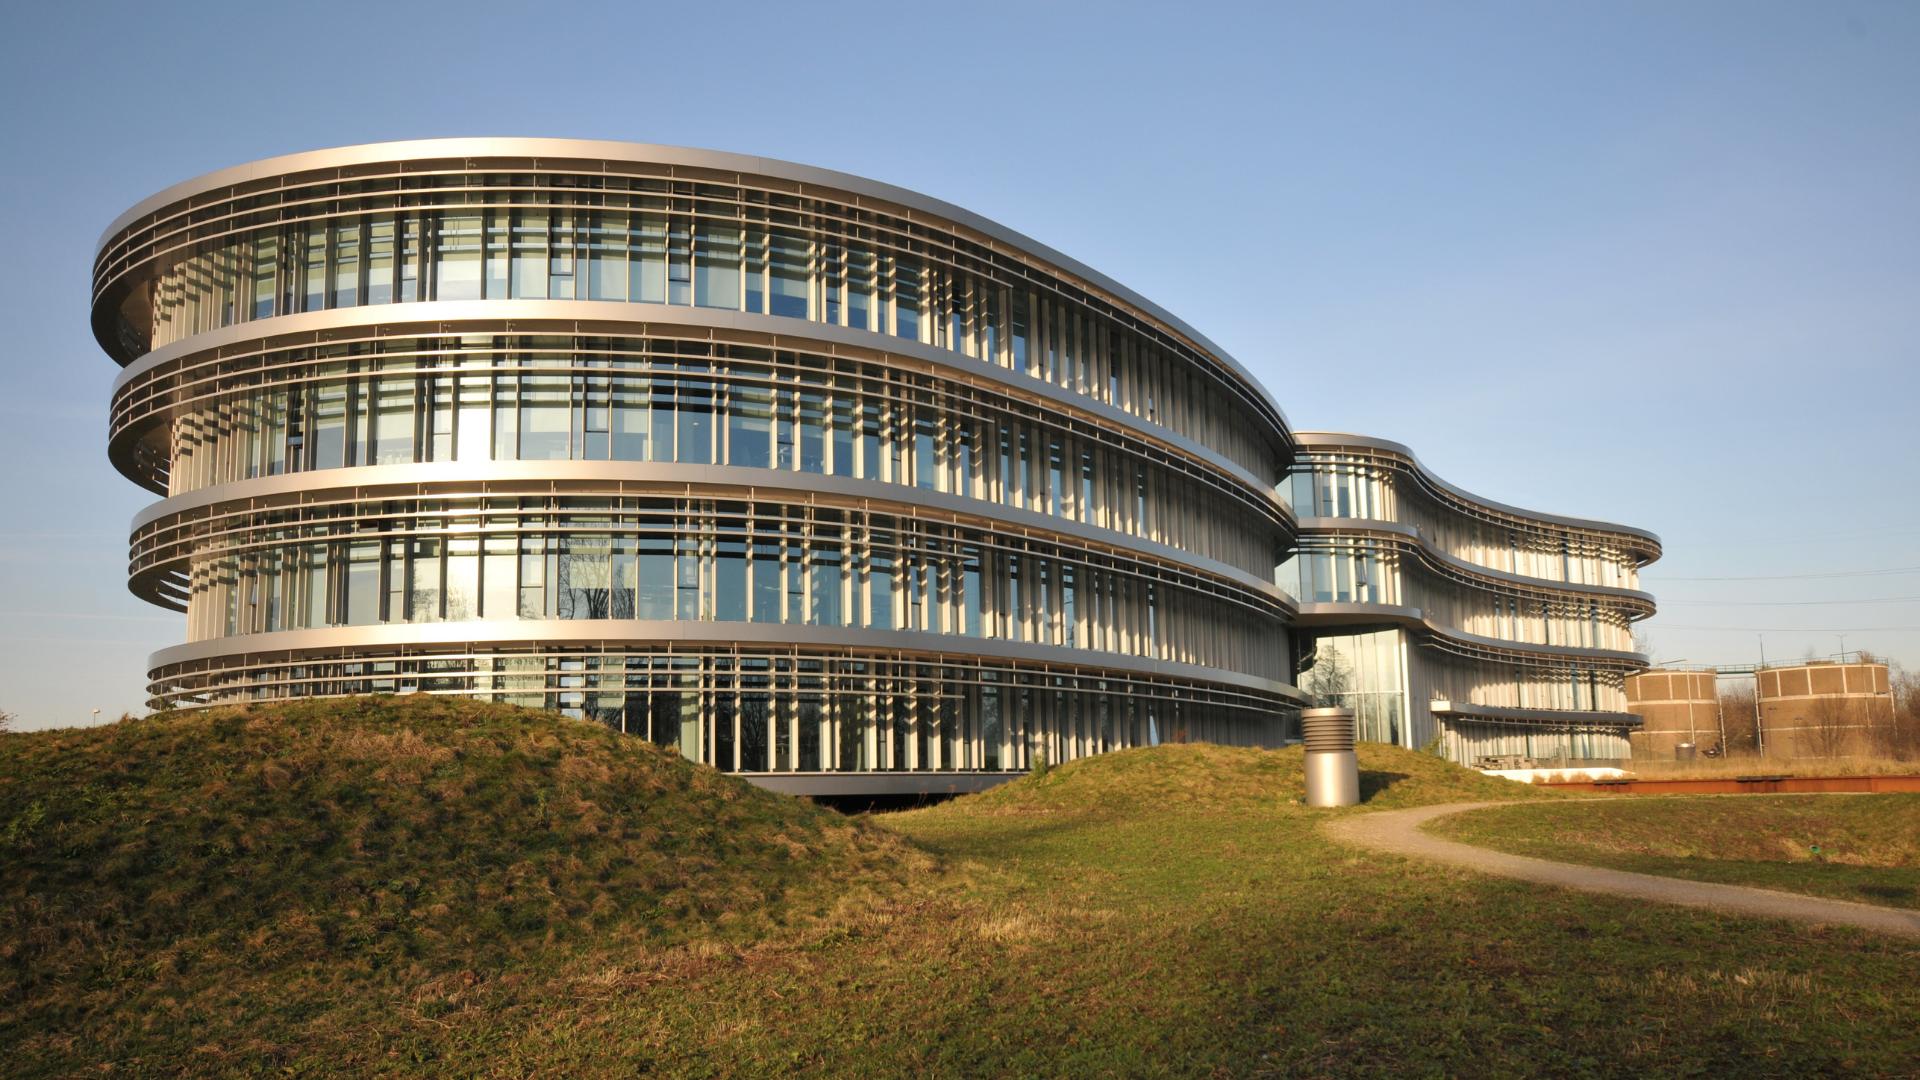 Waterschap-Doetinchem-gevel-perforation-panel-facade